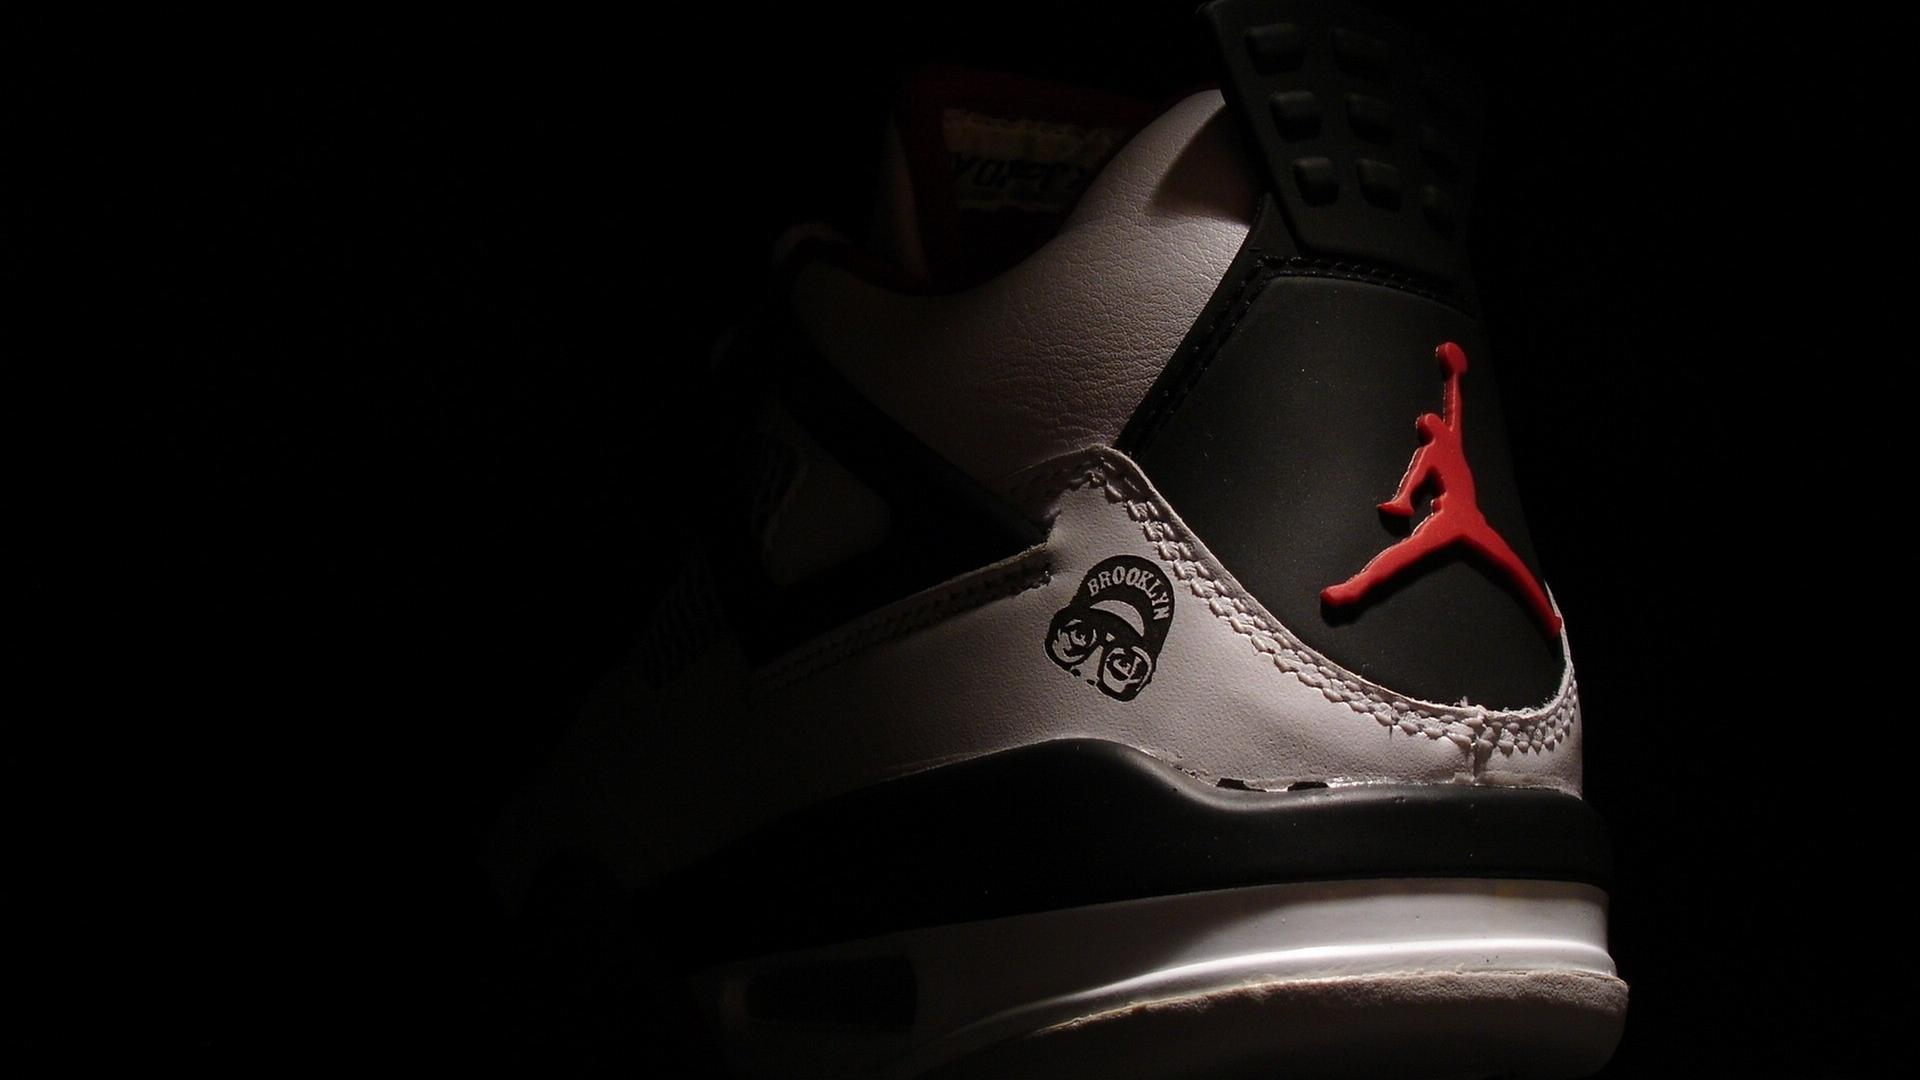 48 Michael Jordan Shoes Wallpaper On Wallpapersafari